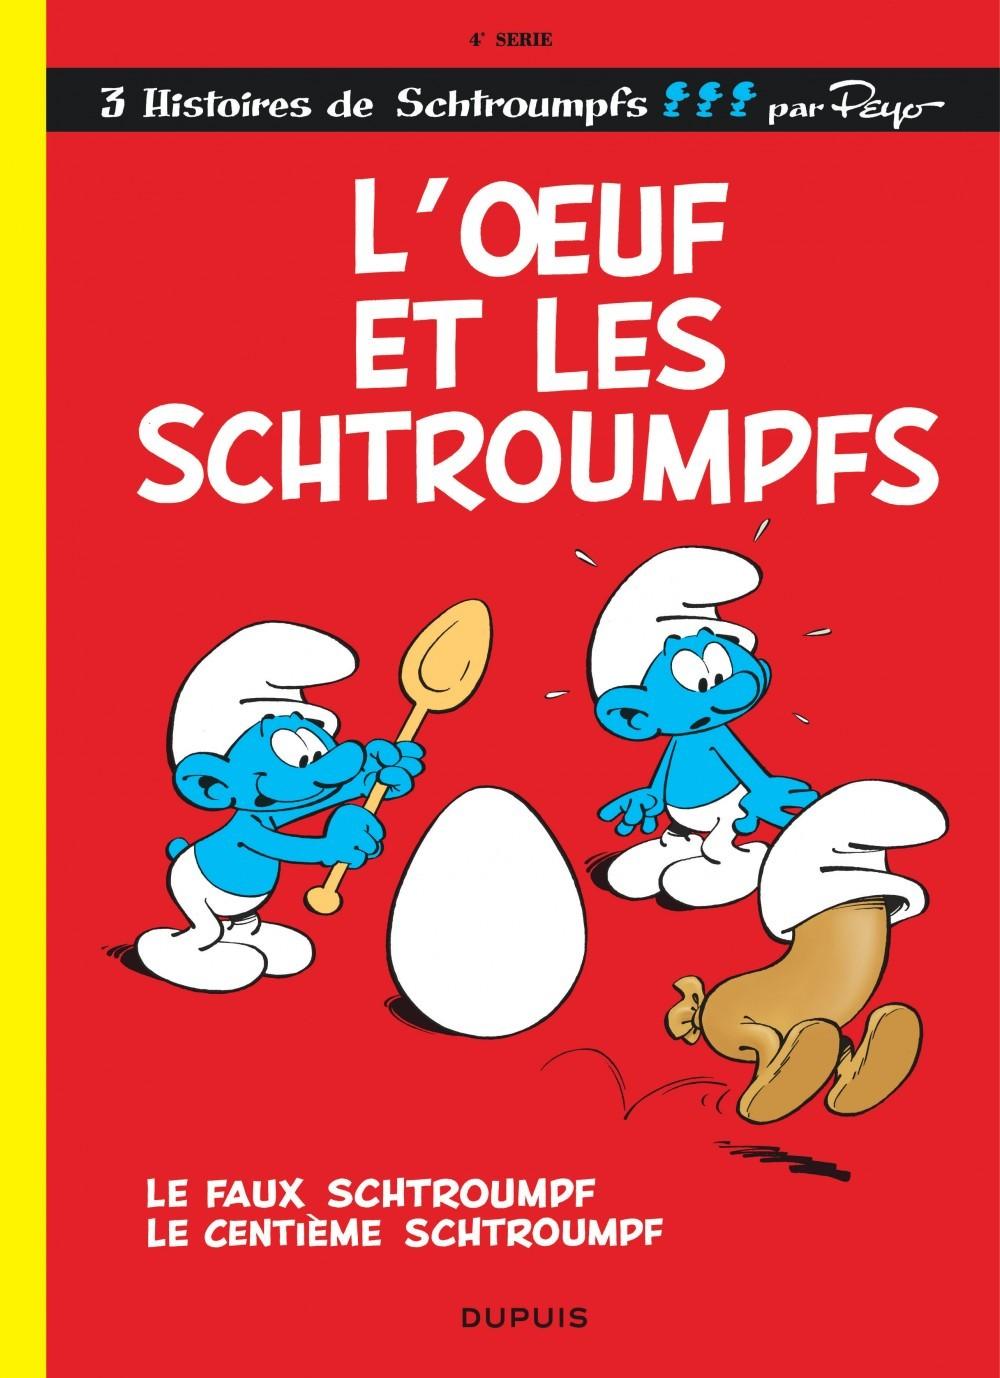 SCHTROUMPFS (DUPUIS) - LES SCHTROUMPFS - TOME 4 - L'OEUF ET LES SCHTROUMPFS